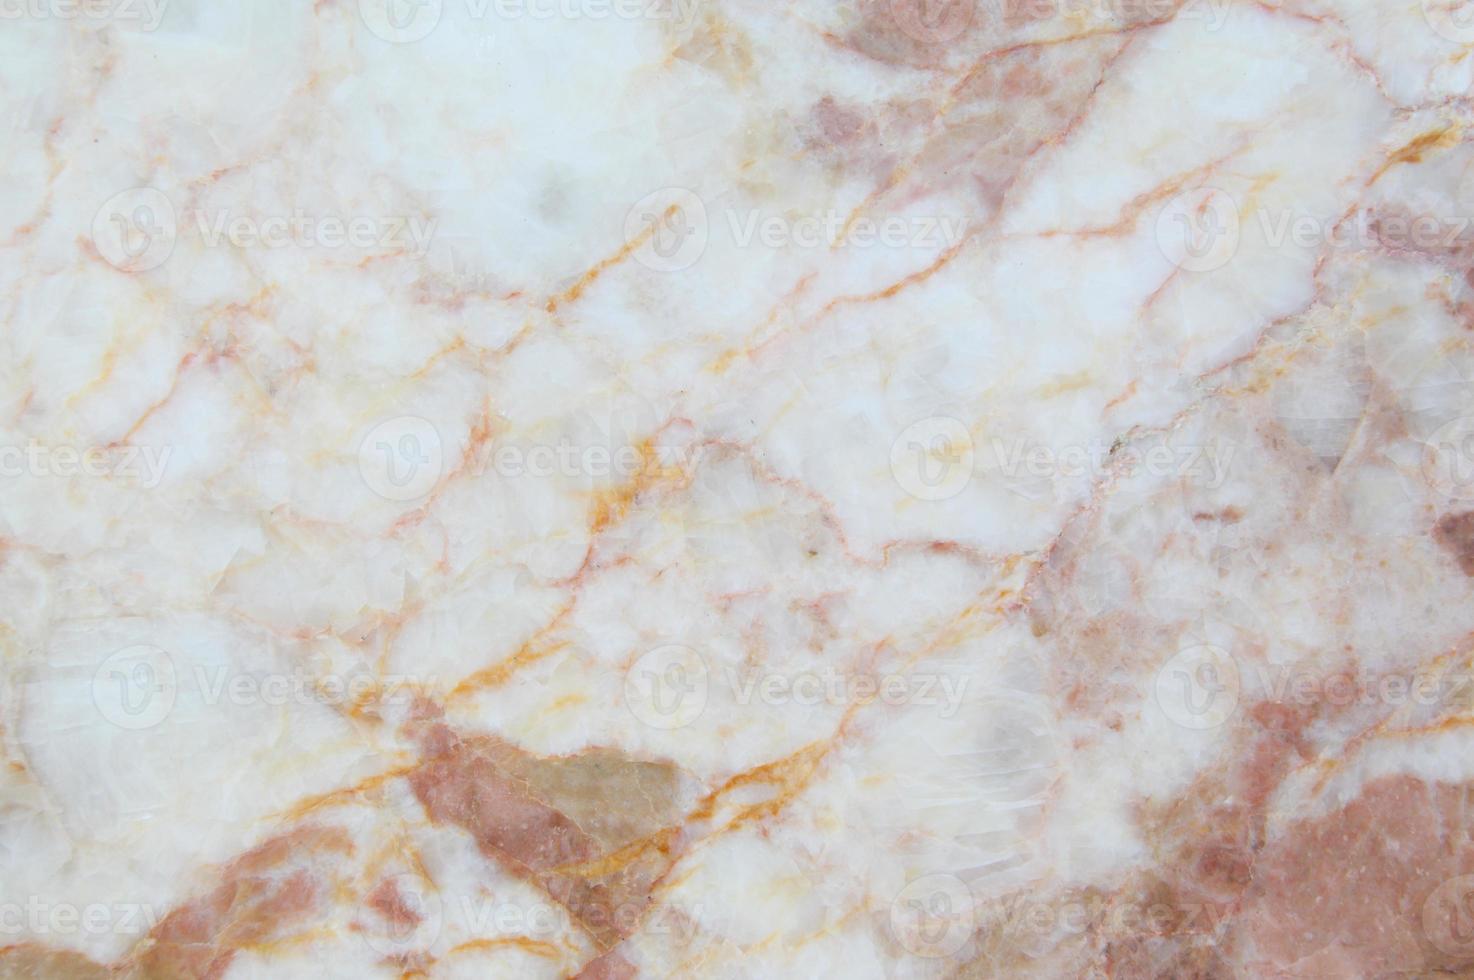 Marmorfliesen Textur Wand Marmor Hintergrund foto